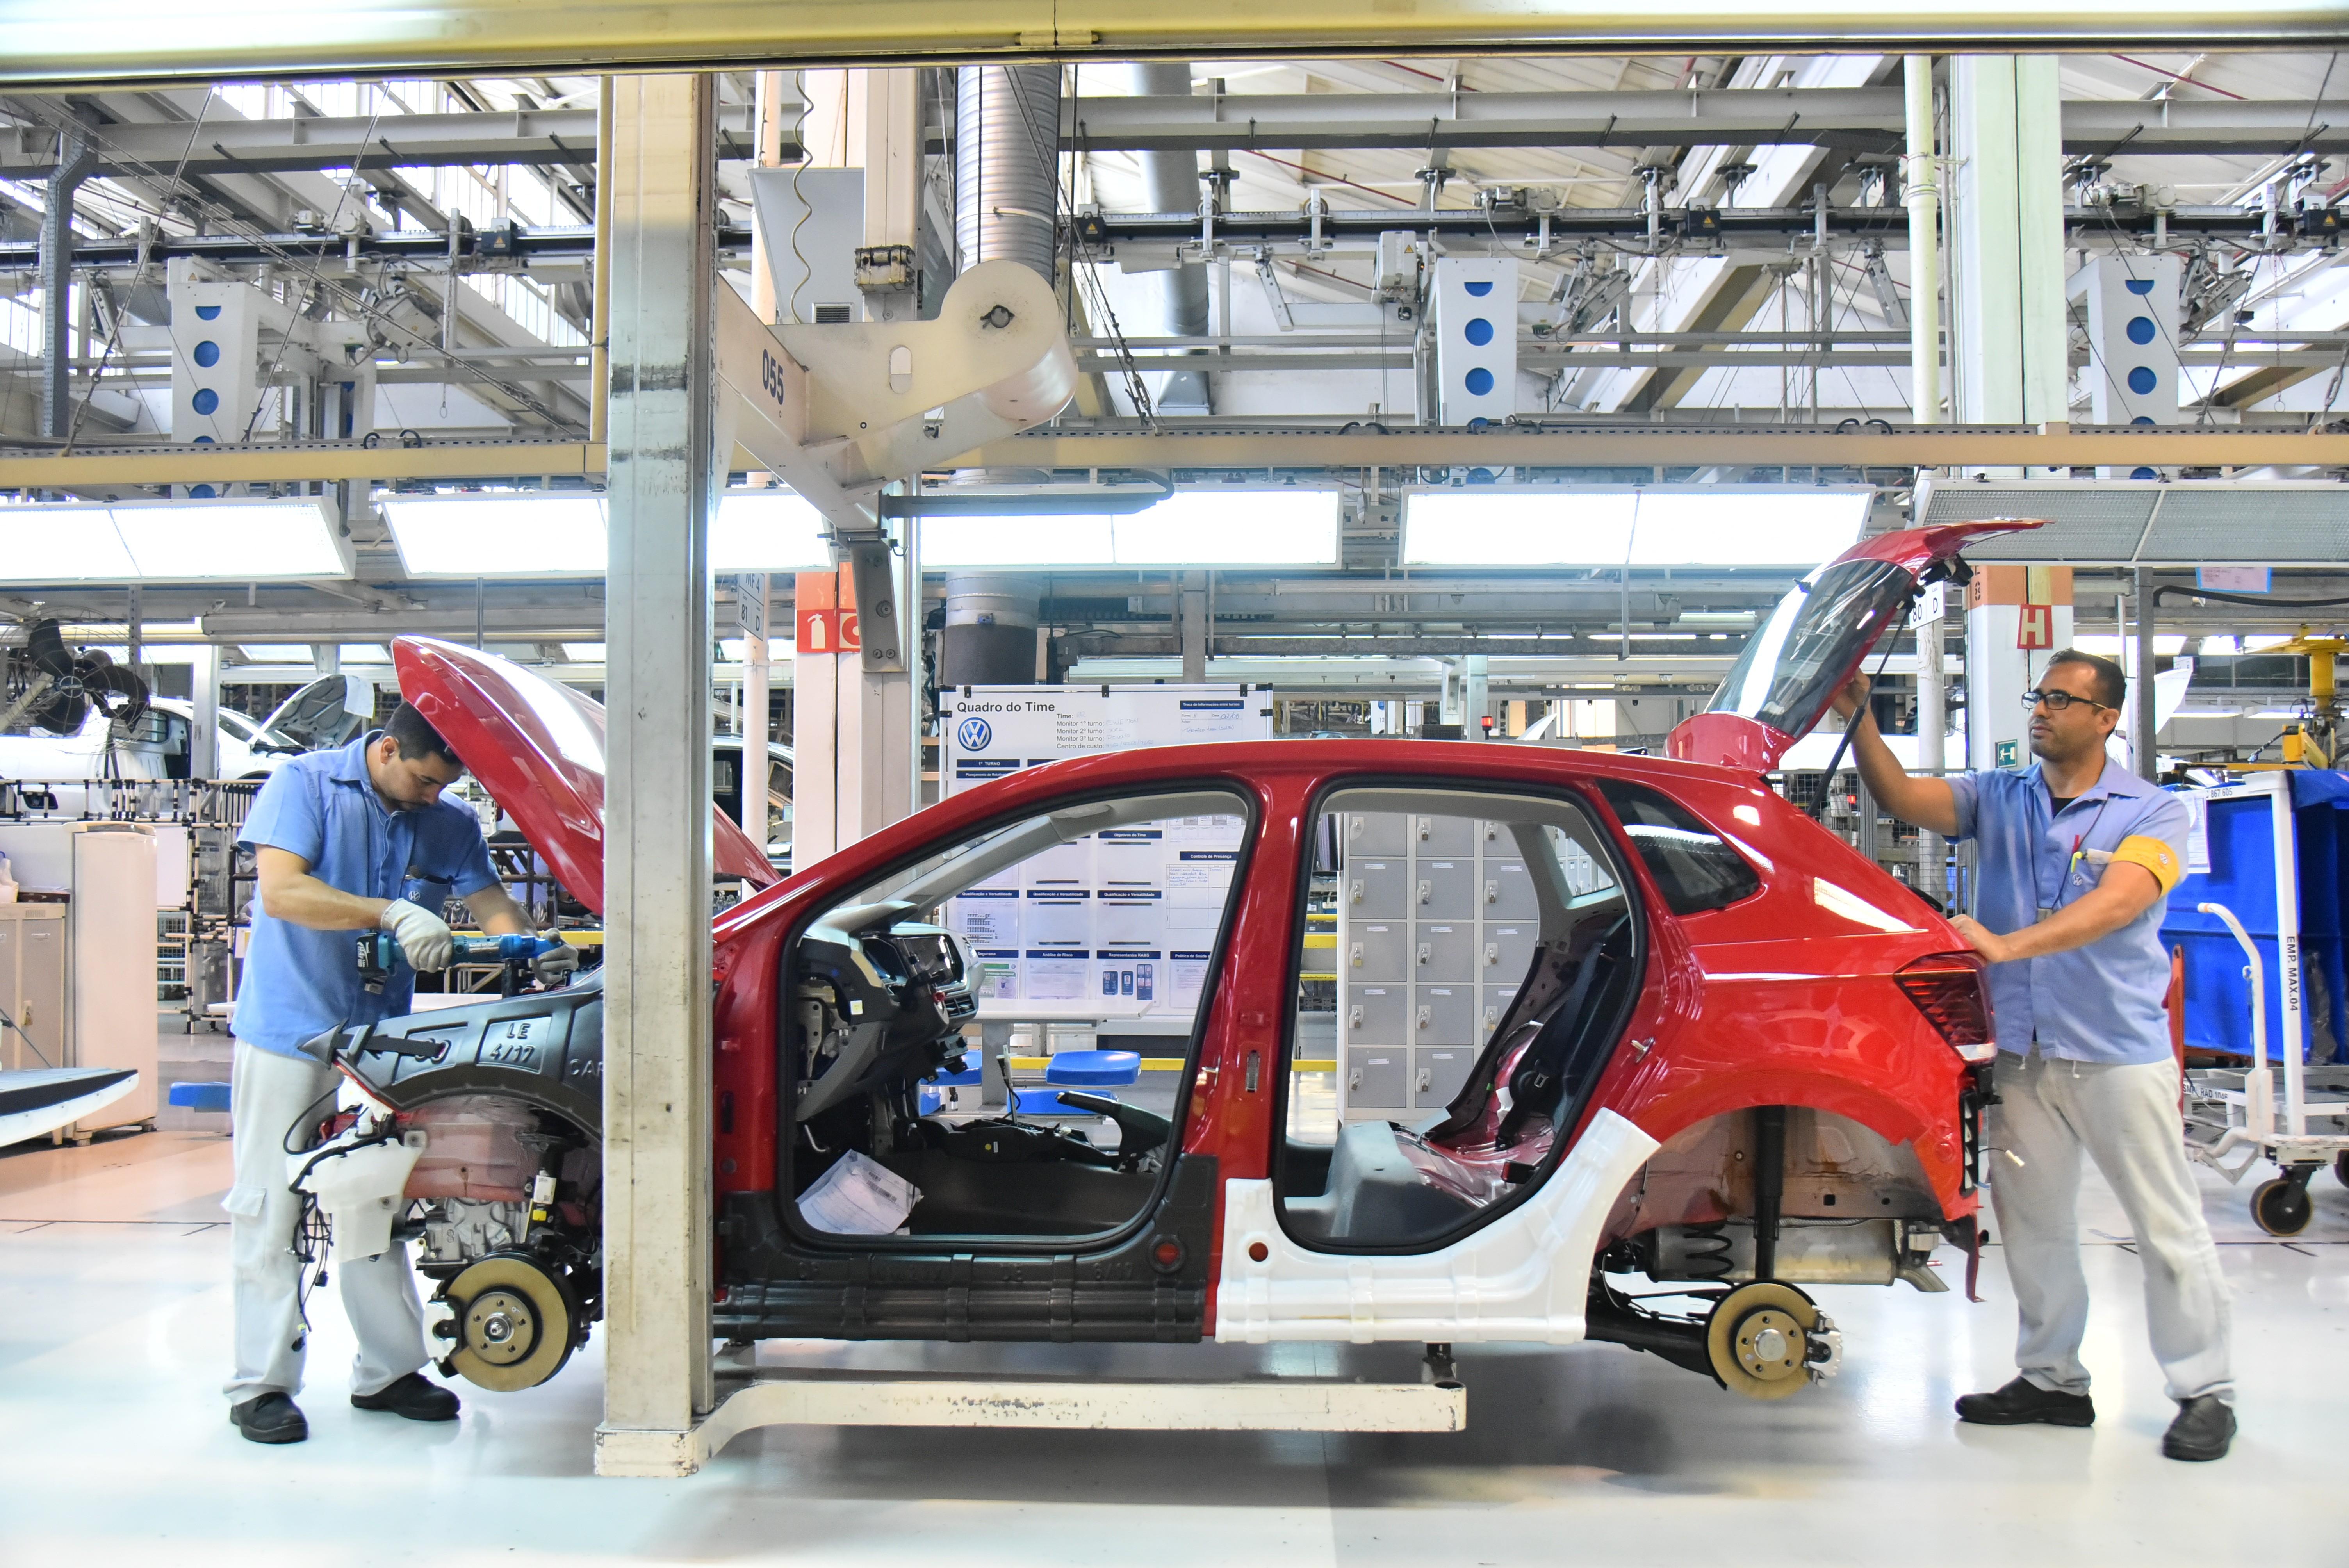 Fábricas de veículos paralisam produção e já veem reflexo nas exportações